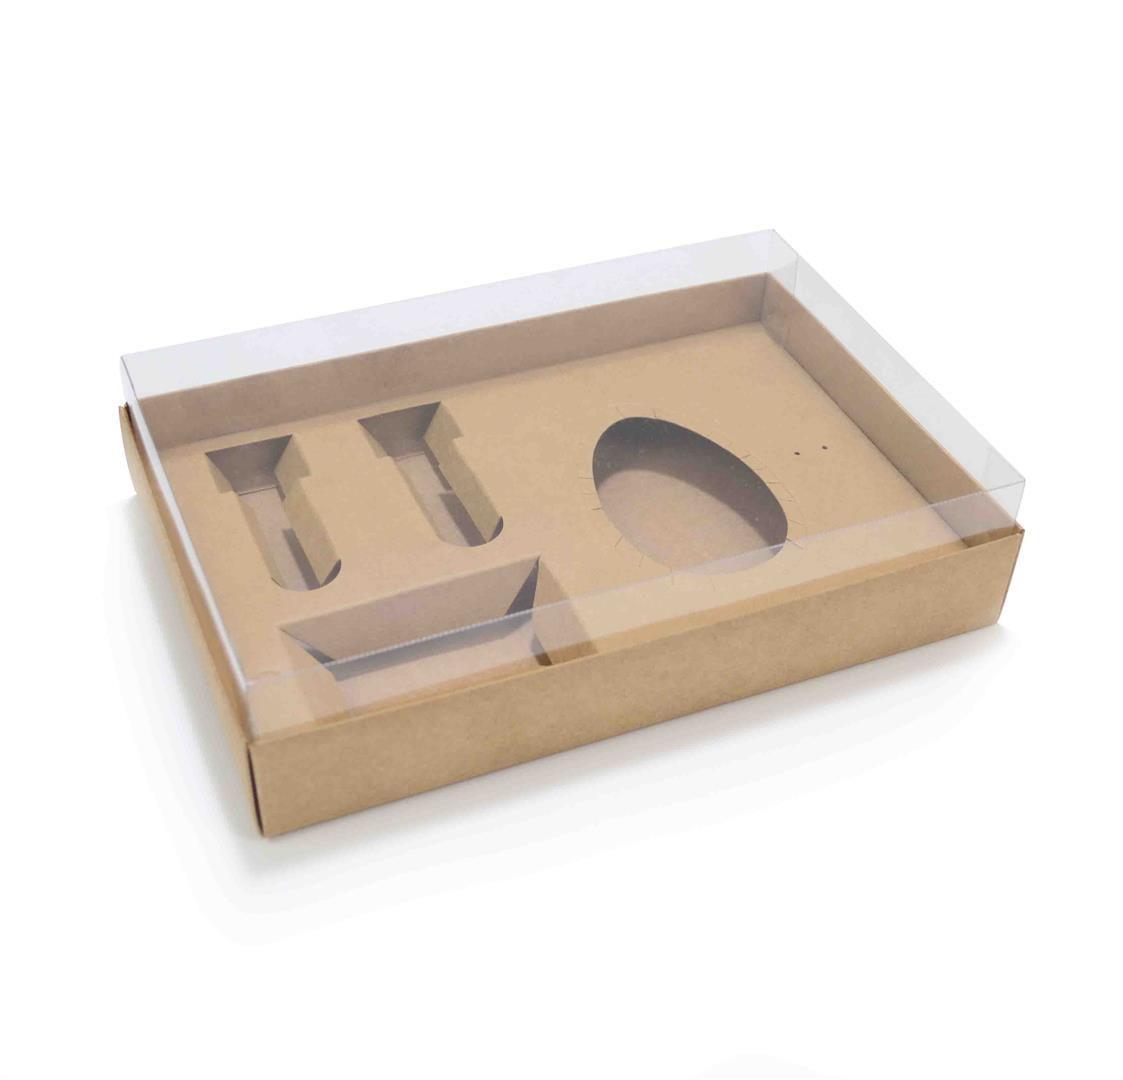 Ref 078 Kraft - Caixa Kit Mini Confeiteiro Ovo 150 ou 250 gramas - 25x17x5,2 cm - c/ 10 unidades